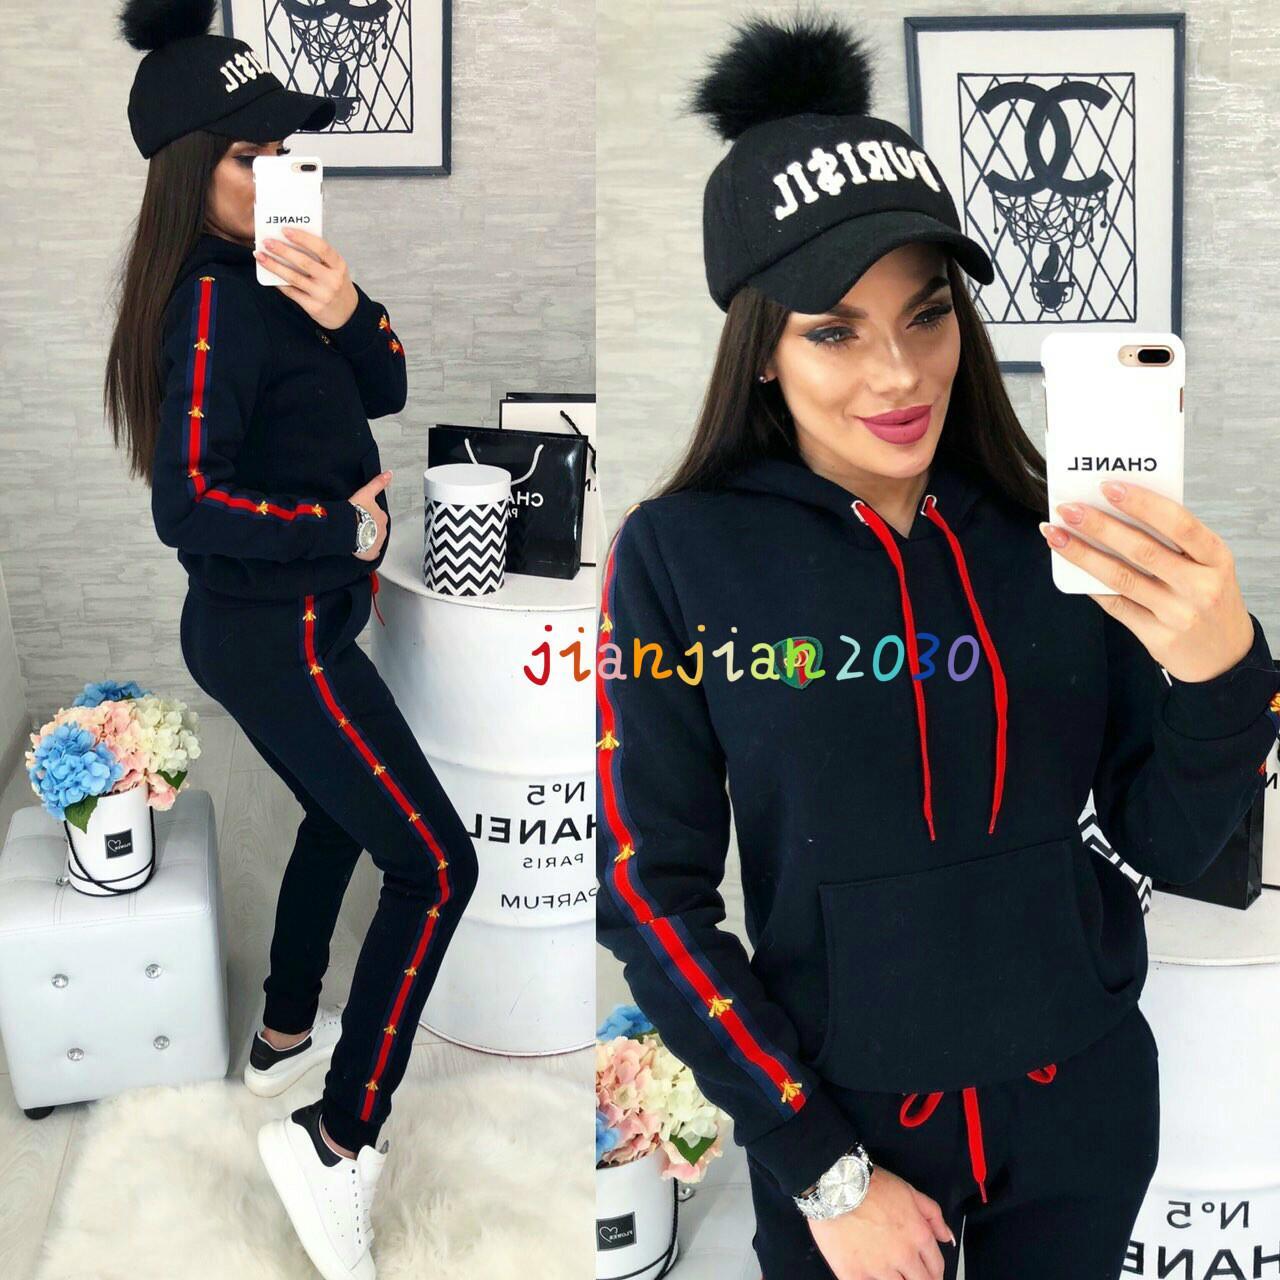 2020 nuevas mujeres ropa deportiva de moda casual de la venta caliente de las mujeres americanas se adapte transfronterizos europeos y TW01723